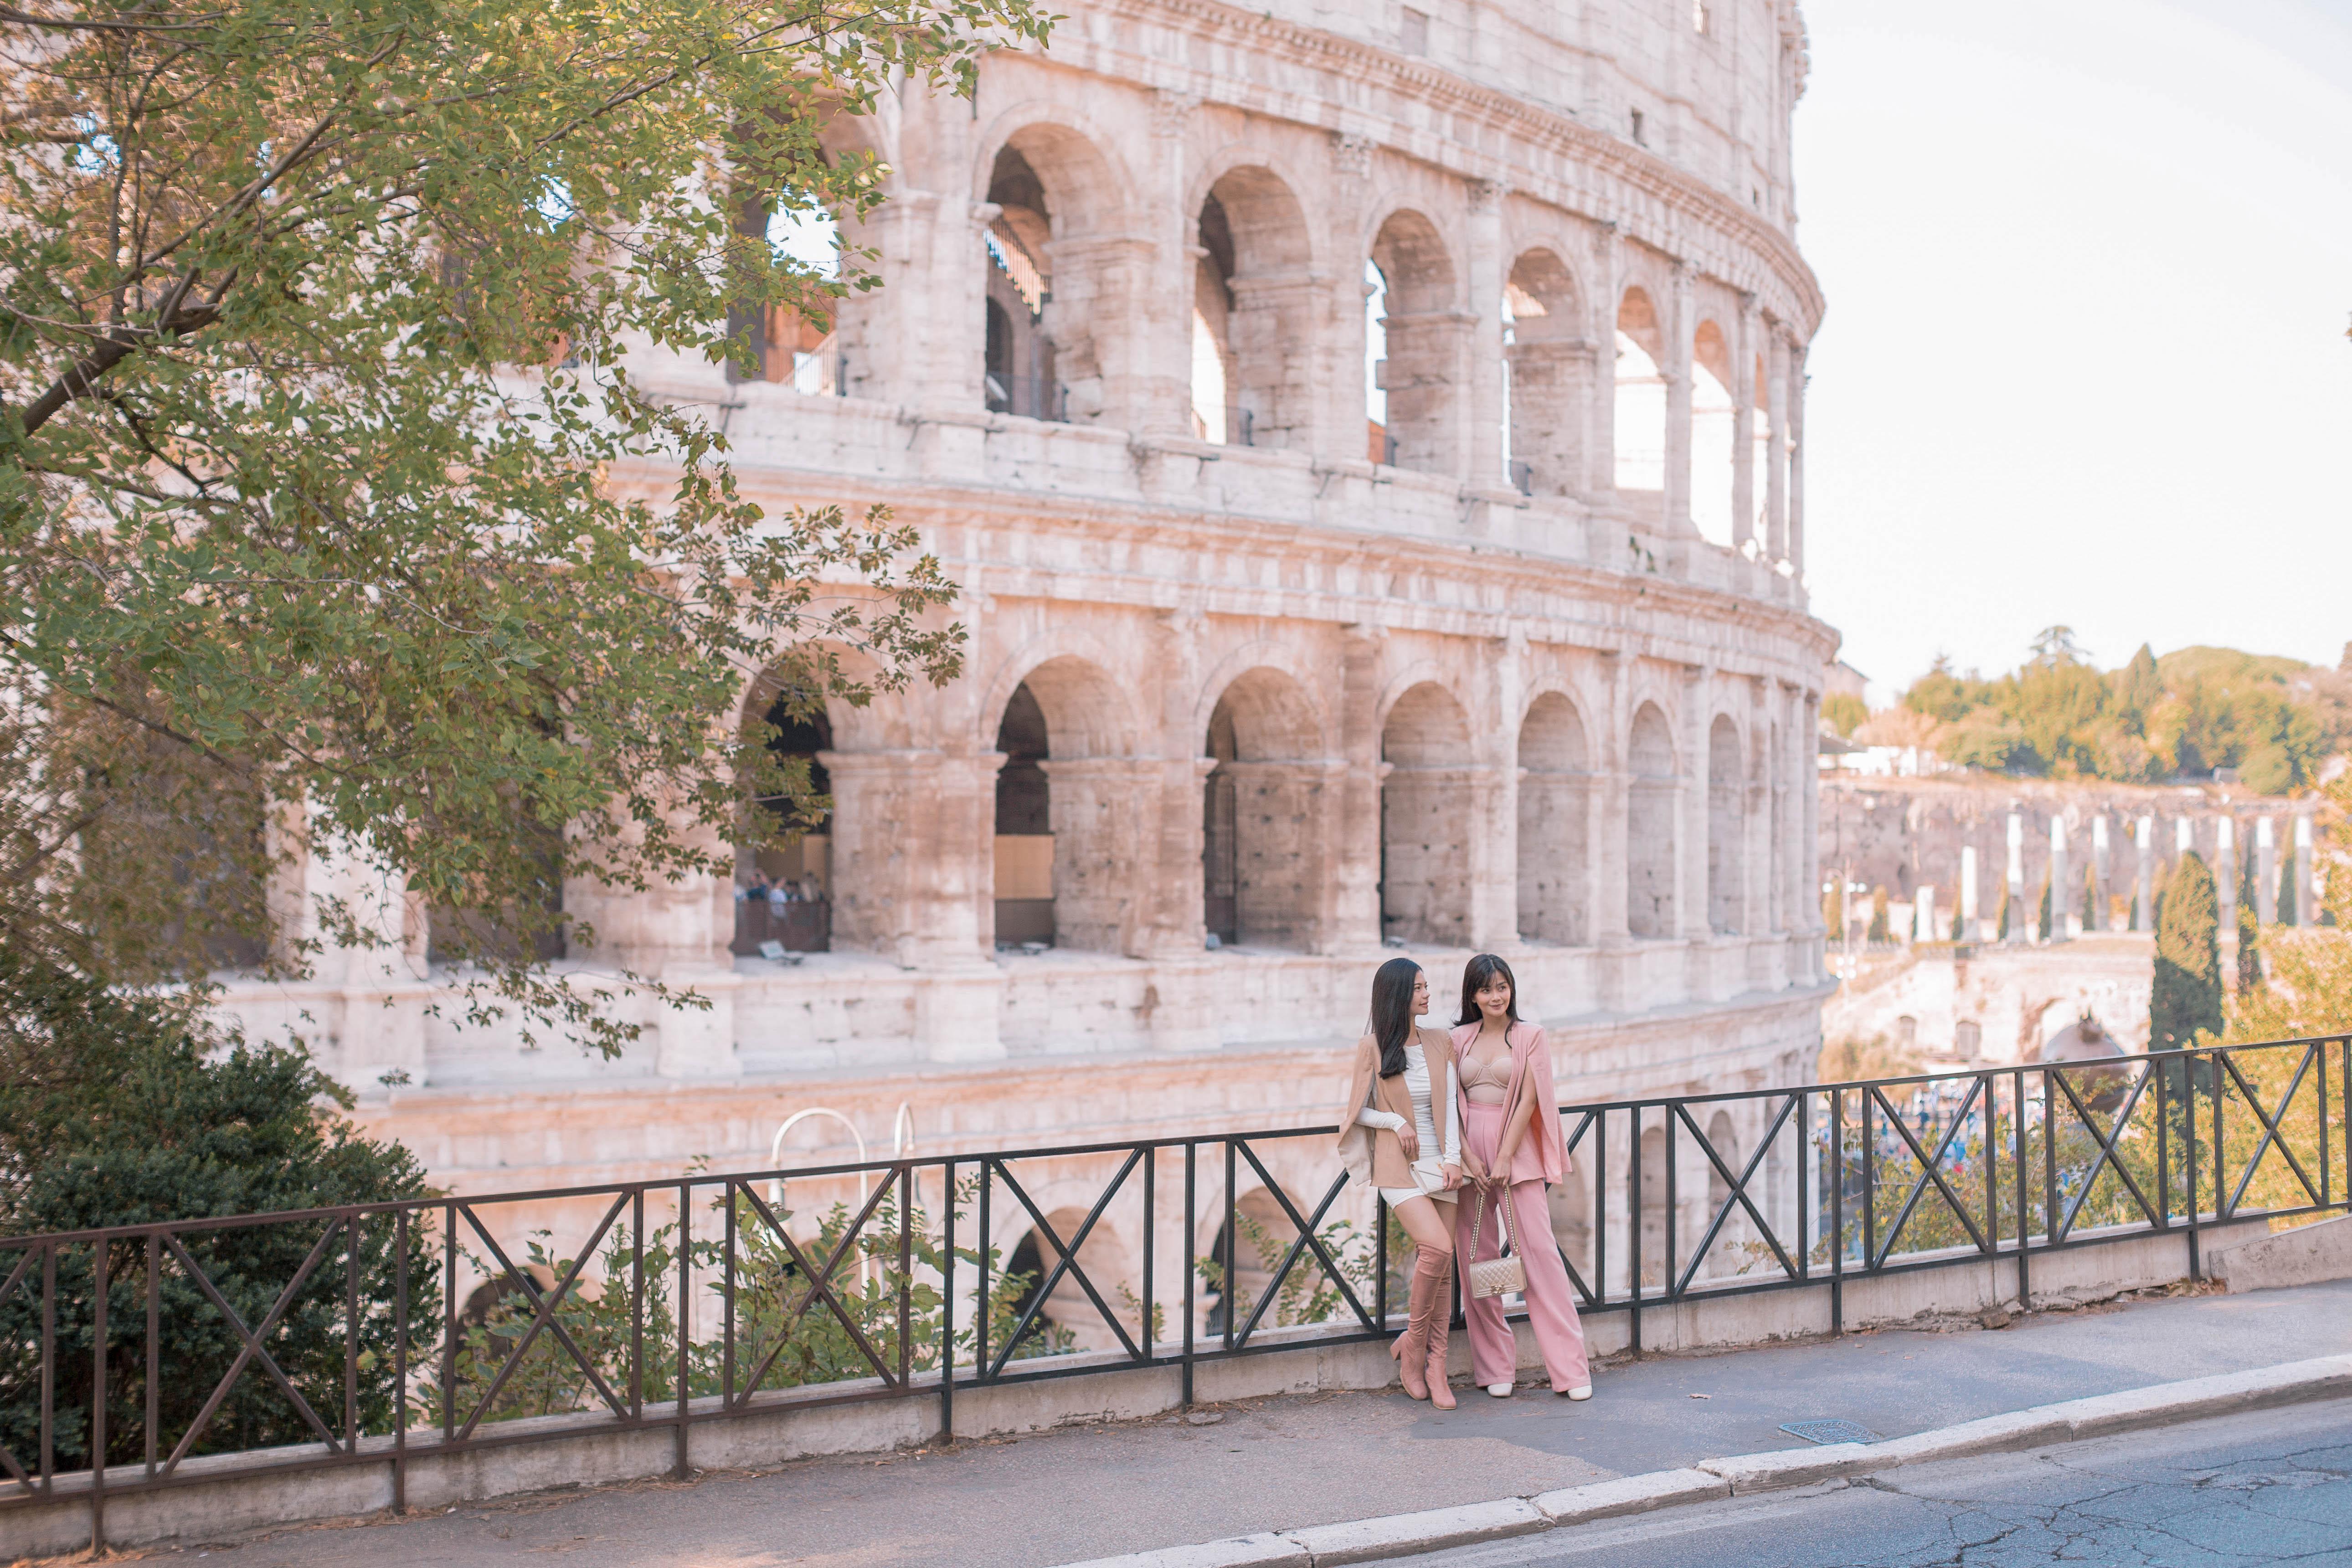 vernica_enciso-rome-s1_43